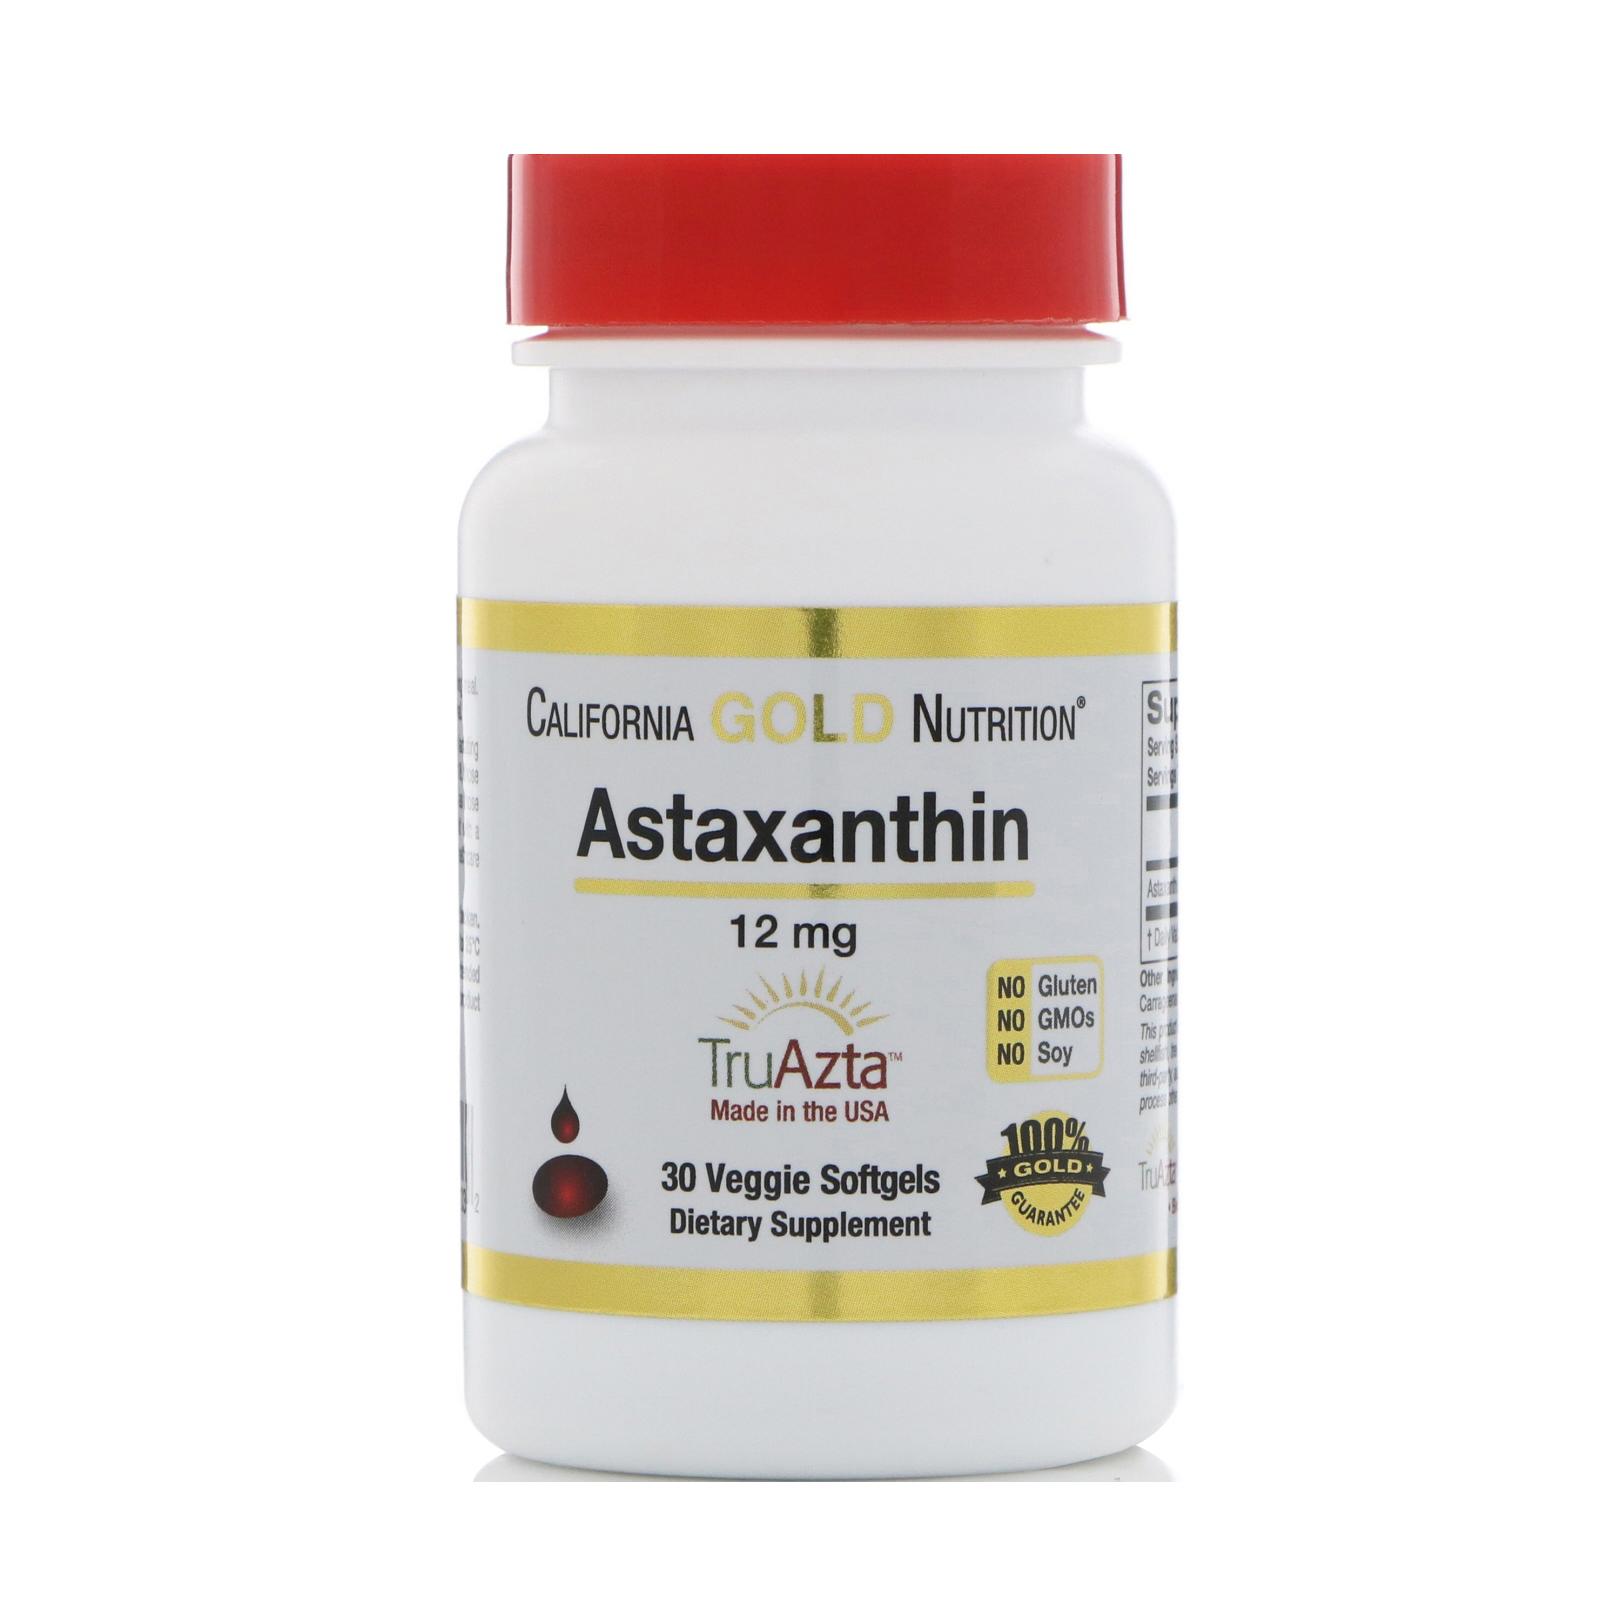 California Gold Nutrition, Натуральный астаксантин, тройная сила, получено и изготовлено в США, без ГМО, 12 мг, 30 растительных мягких капсул